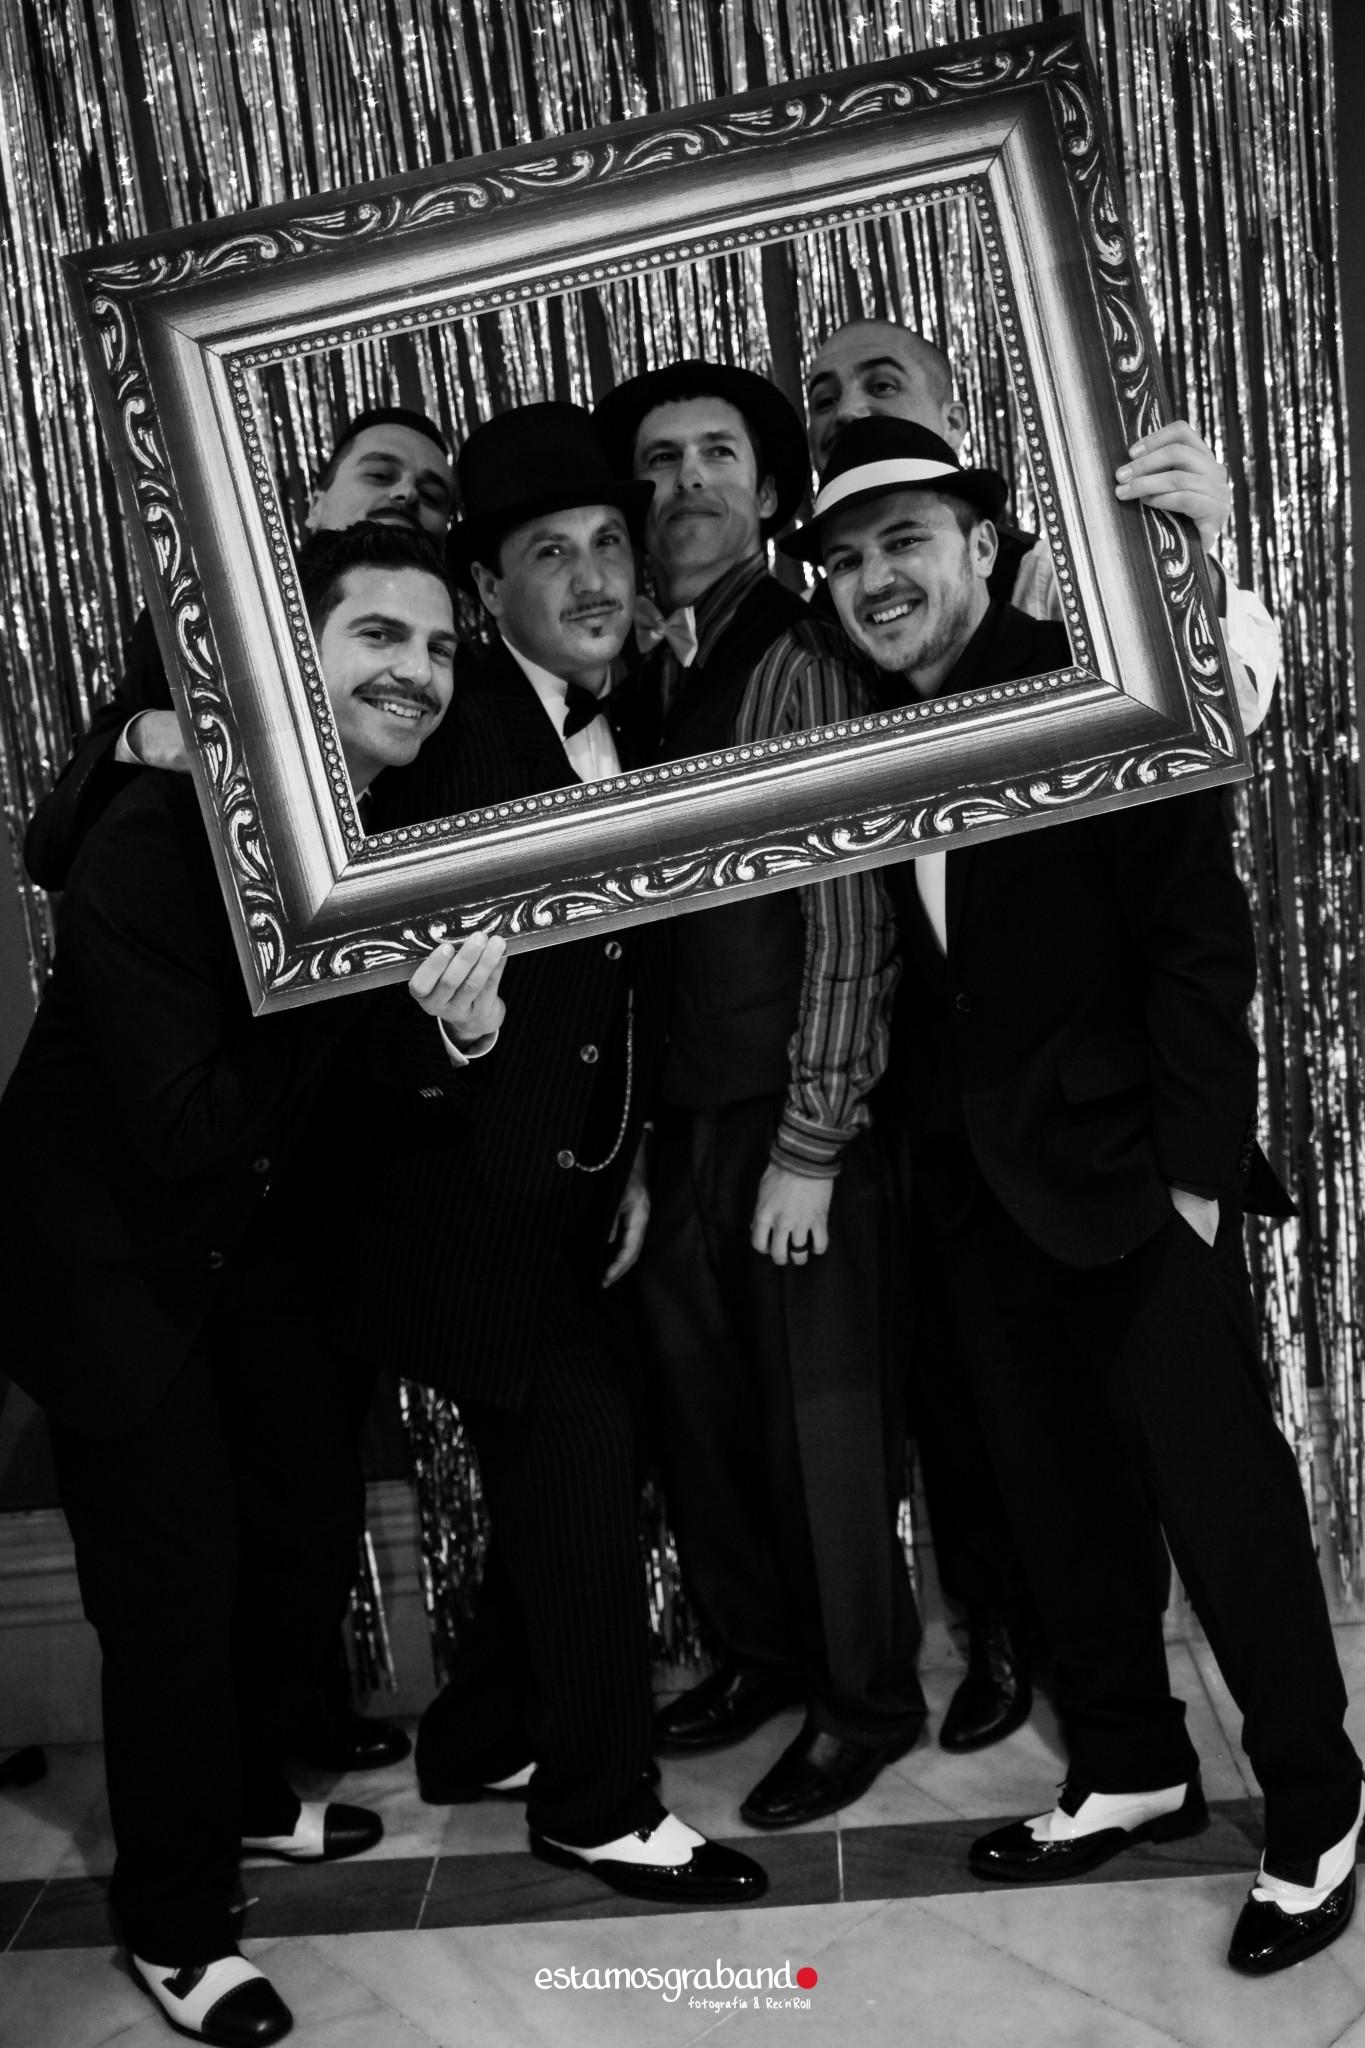 Años-20-BBTP-81-de-109 Los locos Años 20 [Fotografía en La Teta de Julieta, Cádiz] - video boda cadiz